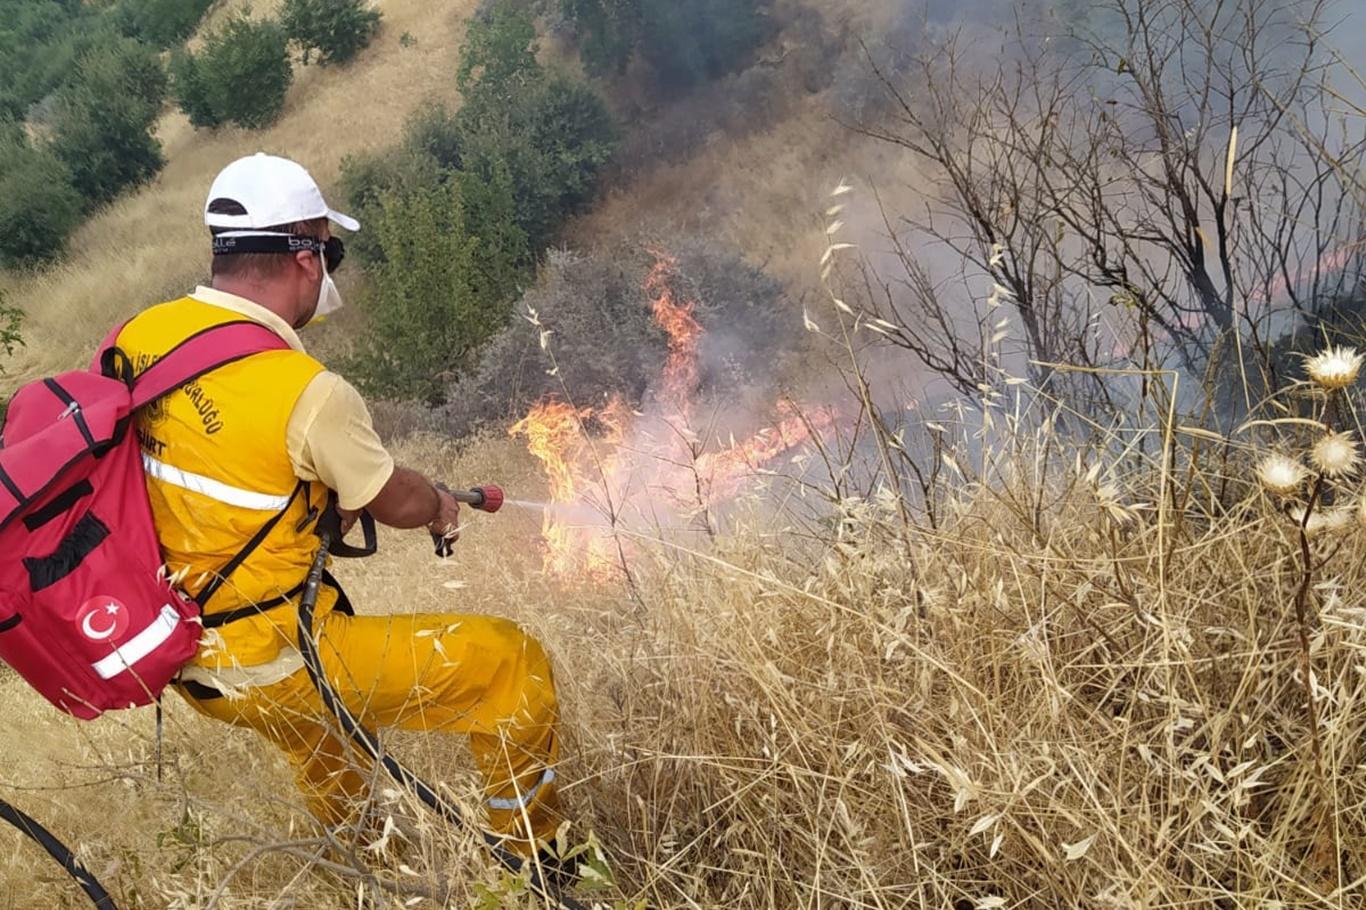 Siirt'te çıkan orman yangını söndürülmeye çalışılıyor